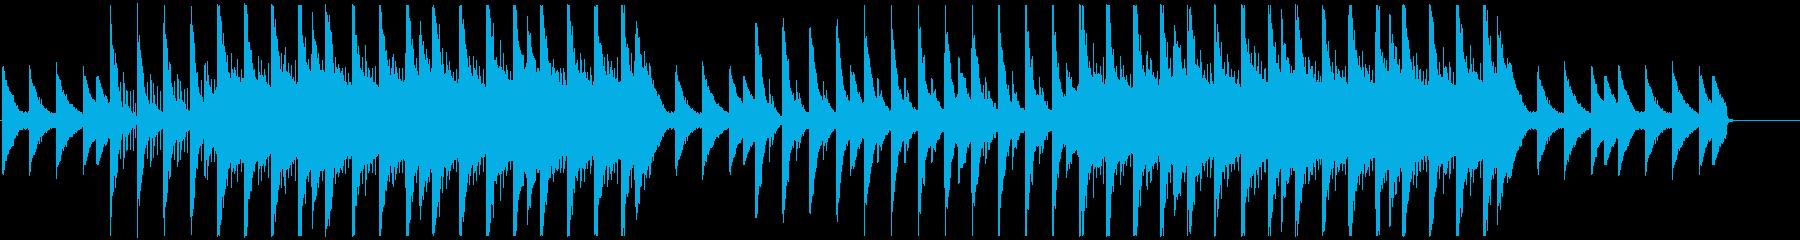 アンビエント、チルアウト系ビートの再生済みの波形